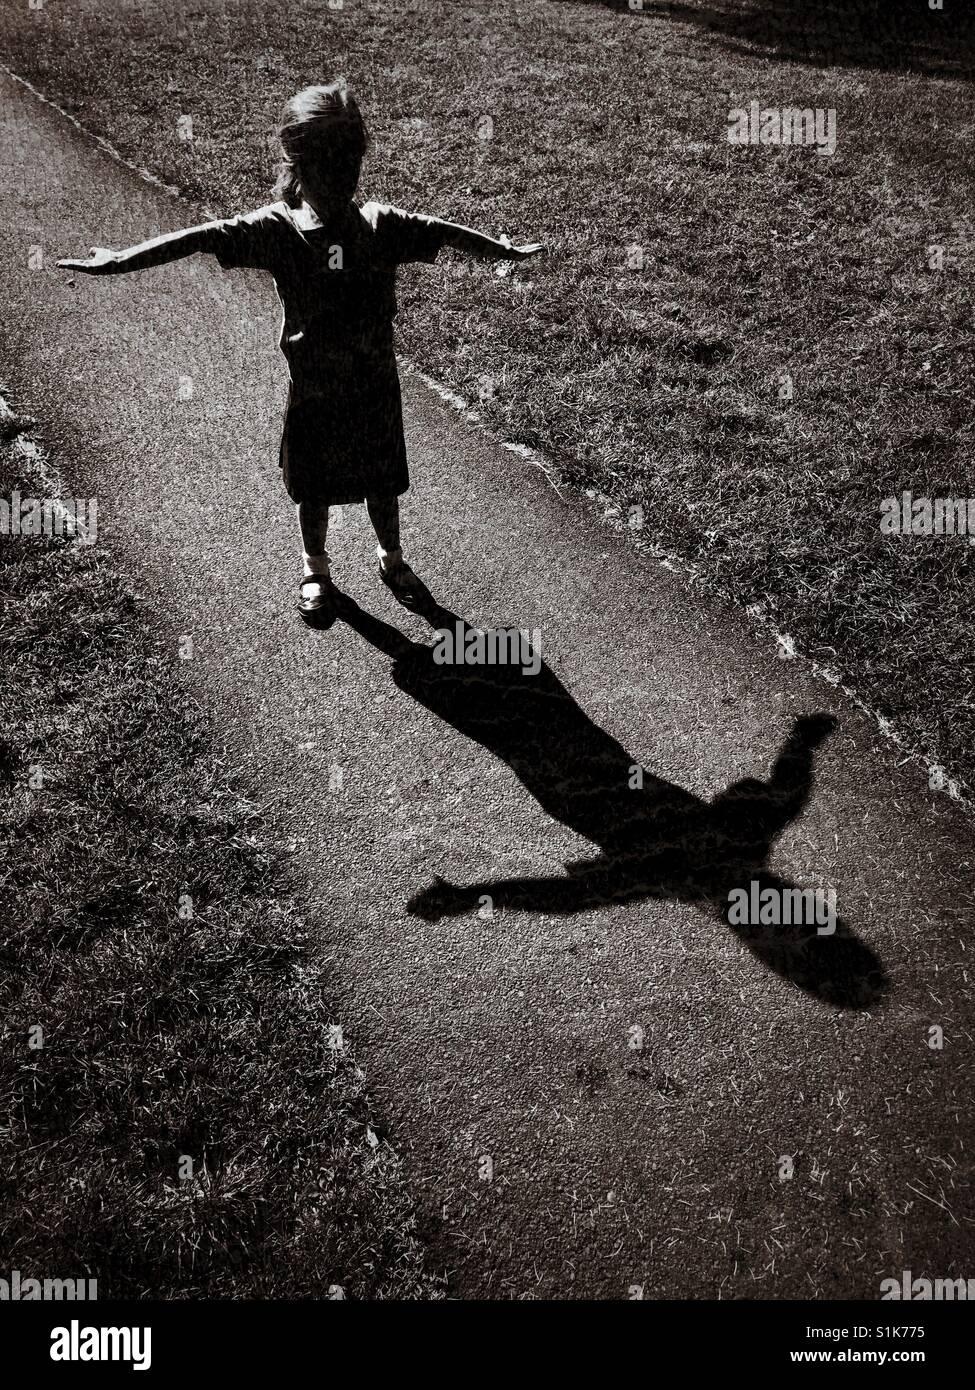 La sombra de un niño de 5 años como ella levanta sus brazos e intenta crear una forma de 't'. Imagen De Stock